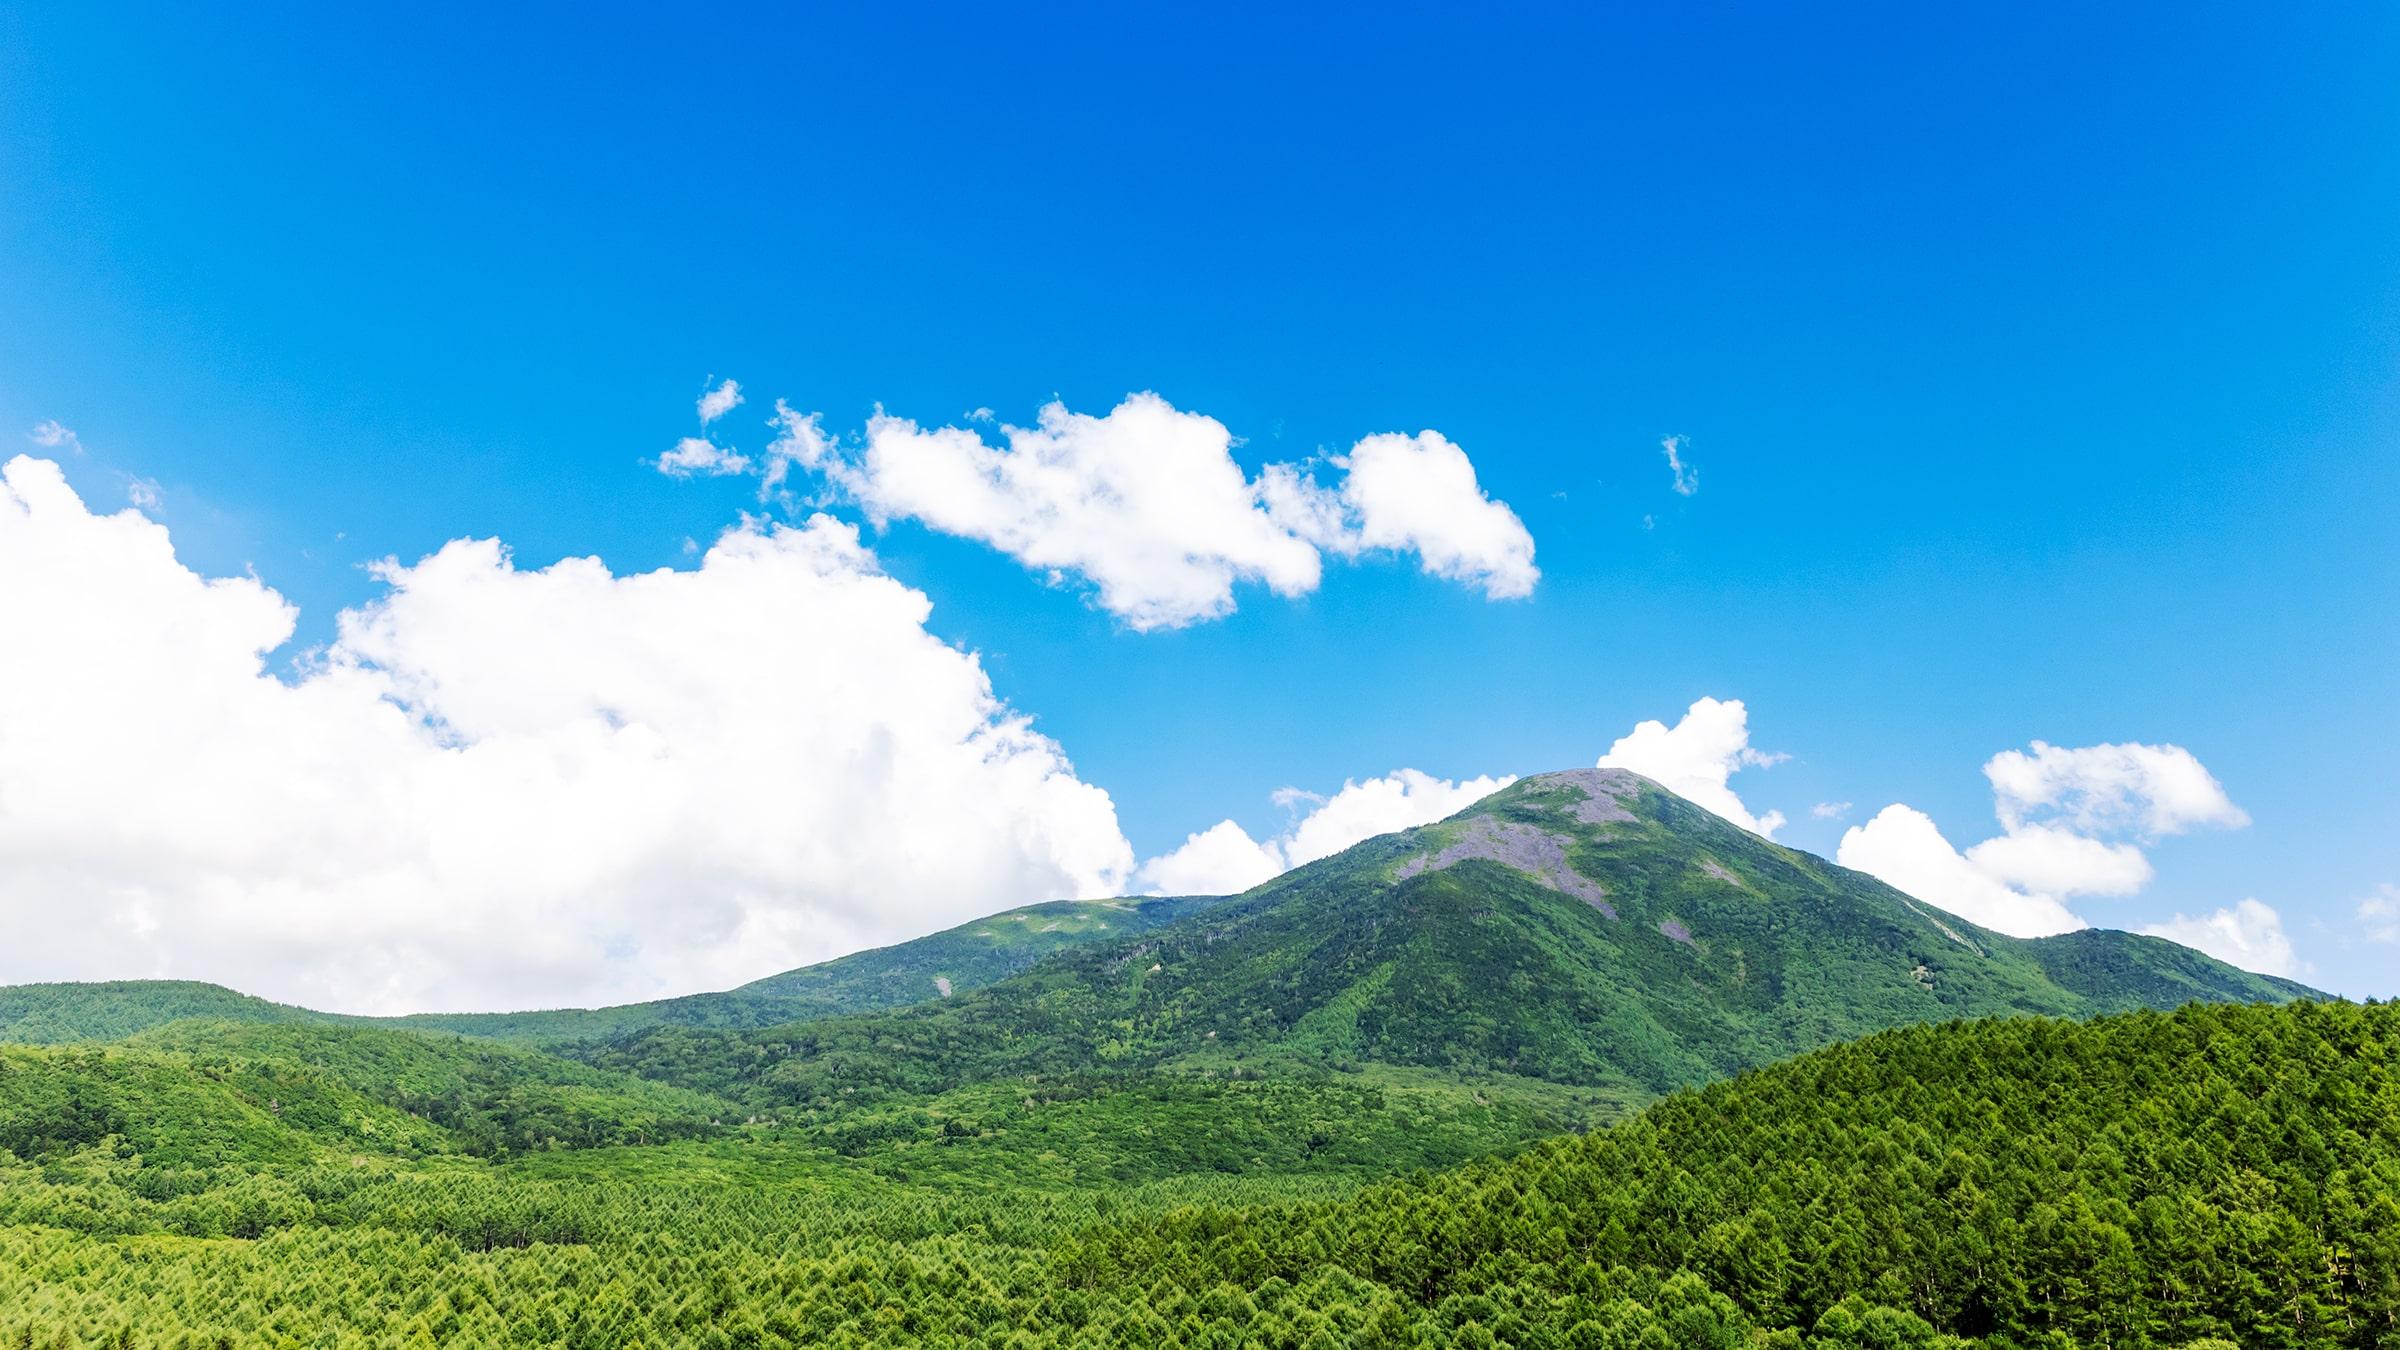 白樺高原を象徴する美しい山容の蓼科山